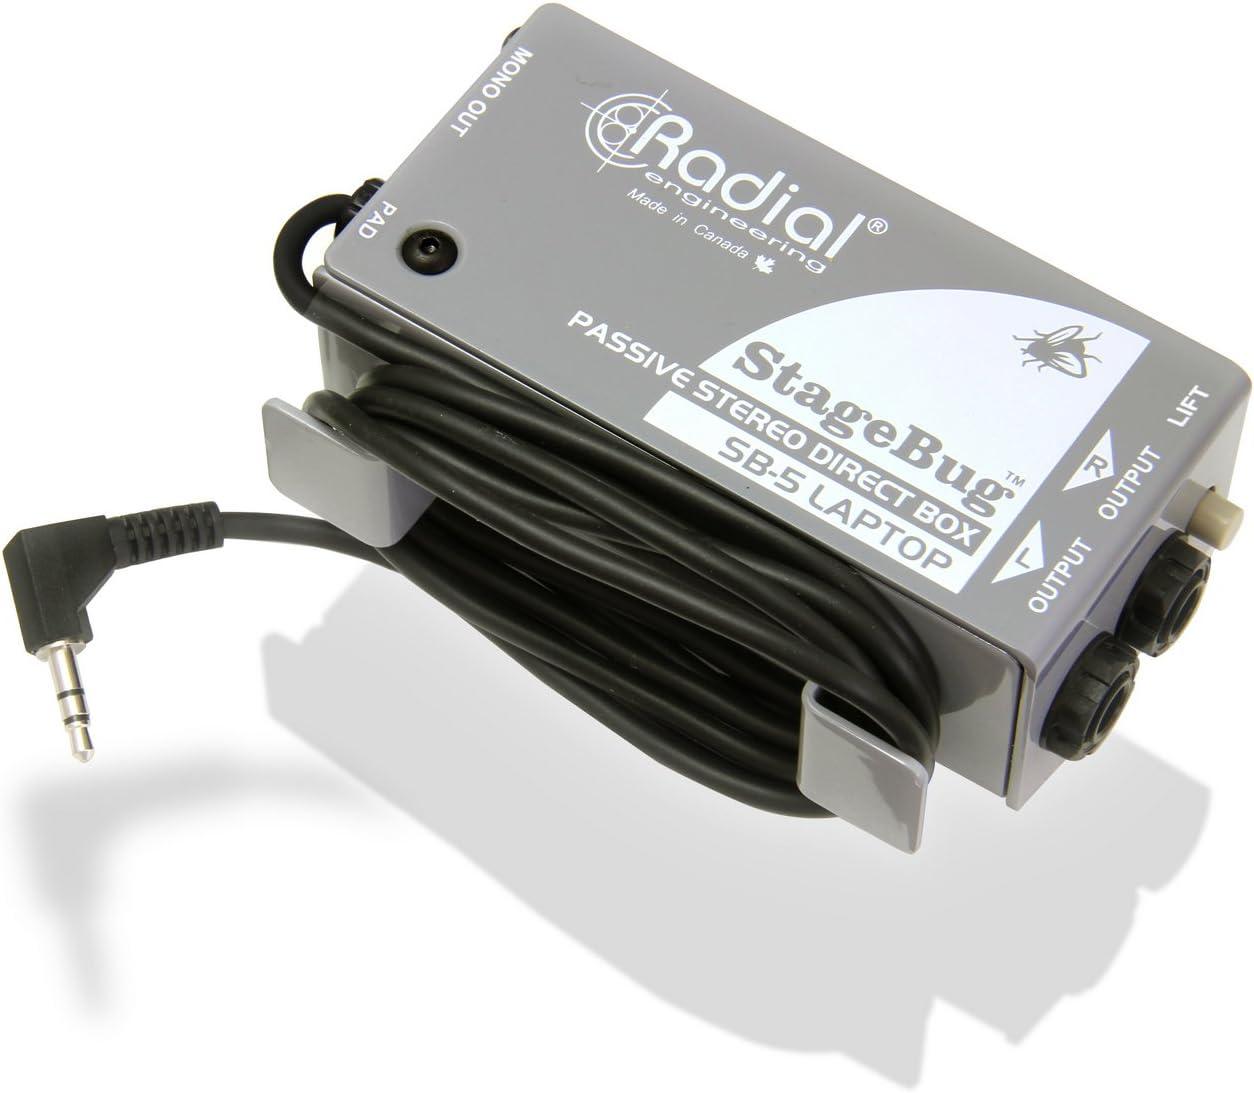 Radial SB-5 portátil   stagebug SB-5 portátil caja de inyección ...